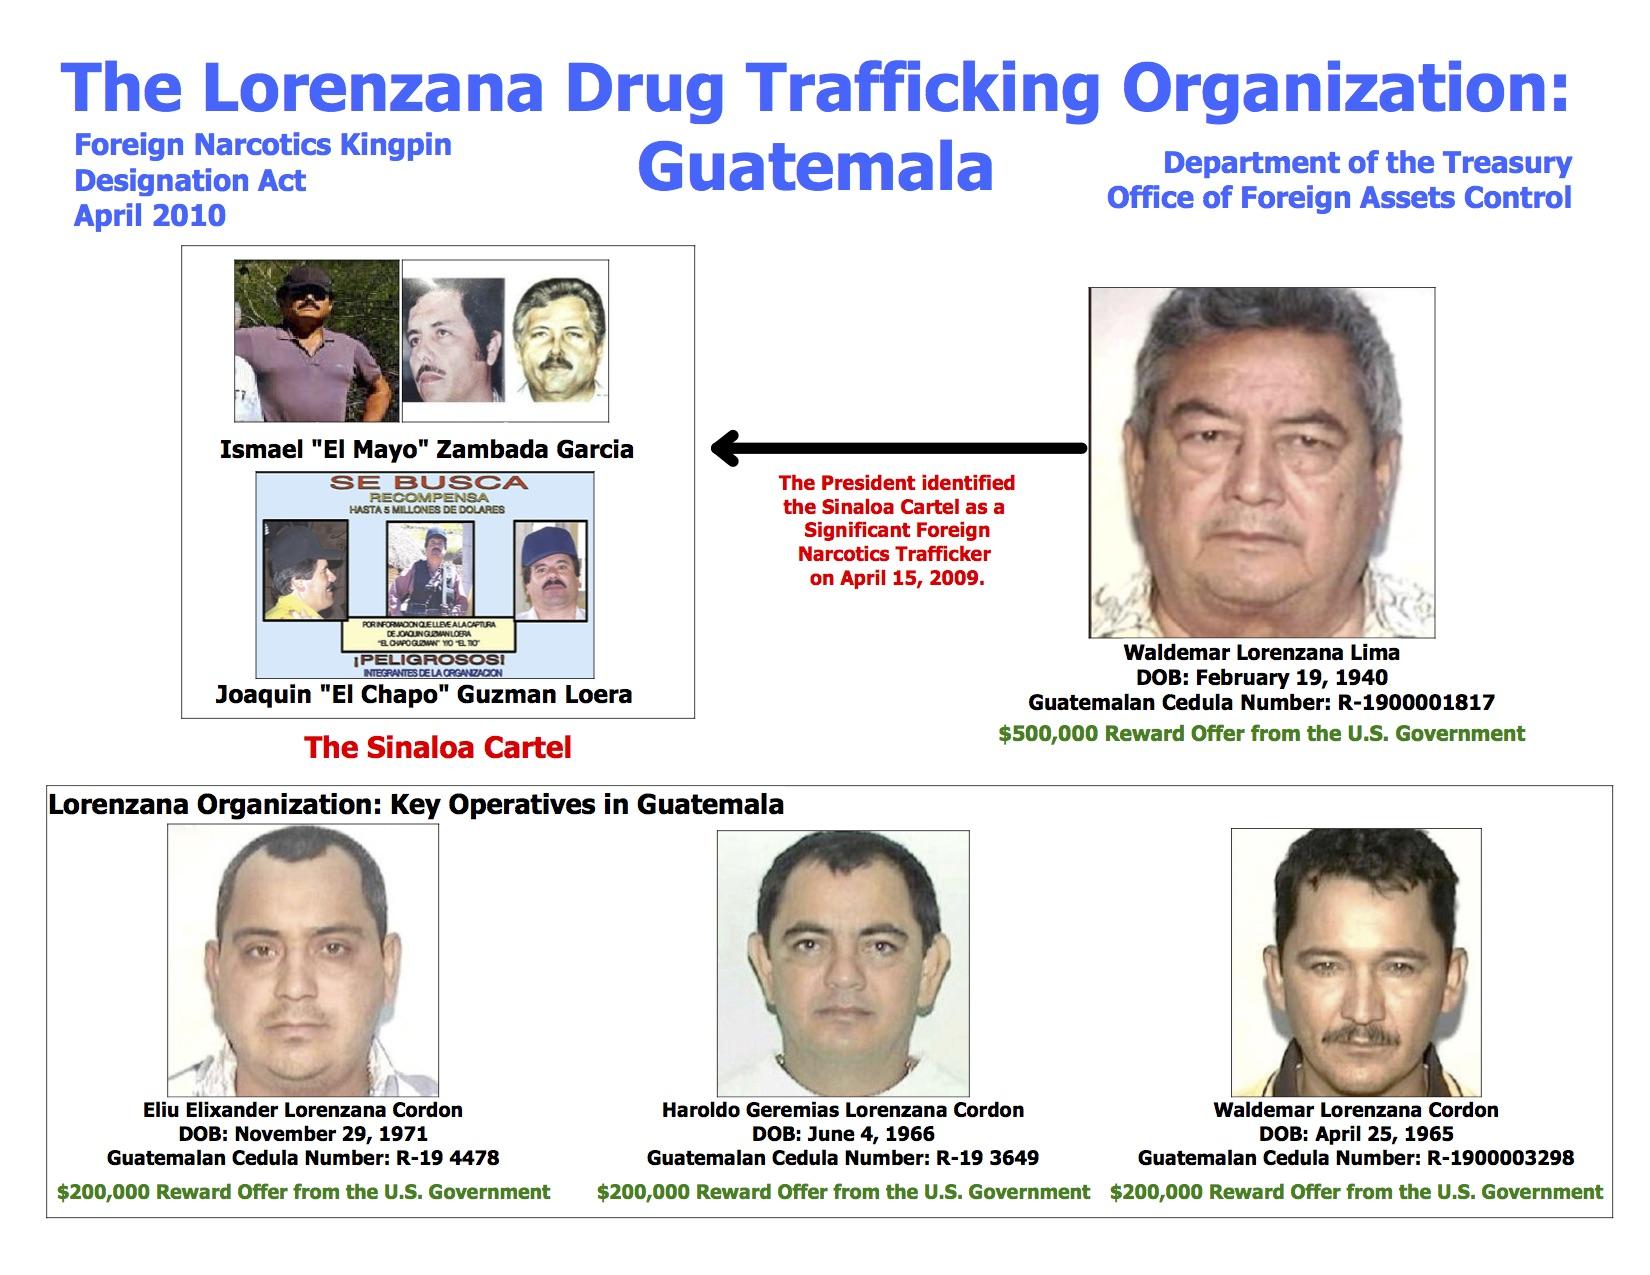 15-02-27-guatemala-lorenzana-org-chart-us-treasury